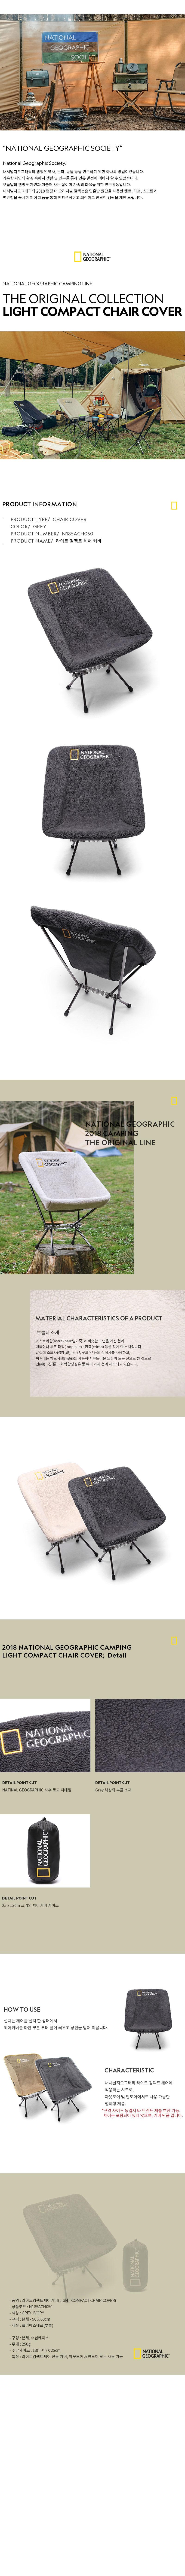 내셔널지오그래픽(NATIONALGEOGRAPHIC) N185ACH050 더 오리지널 컴팩트체어커버 GREY 캠핑 의자 커버